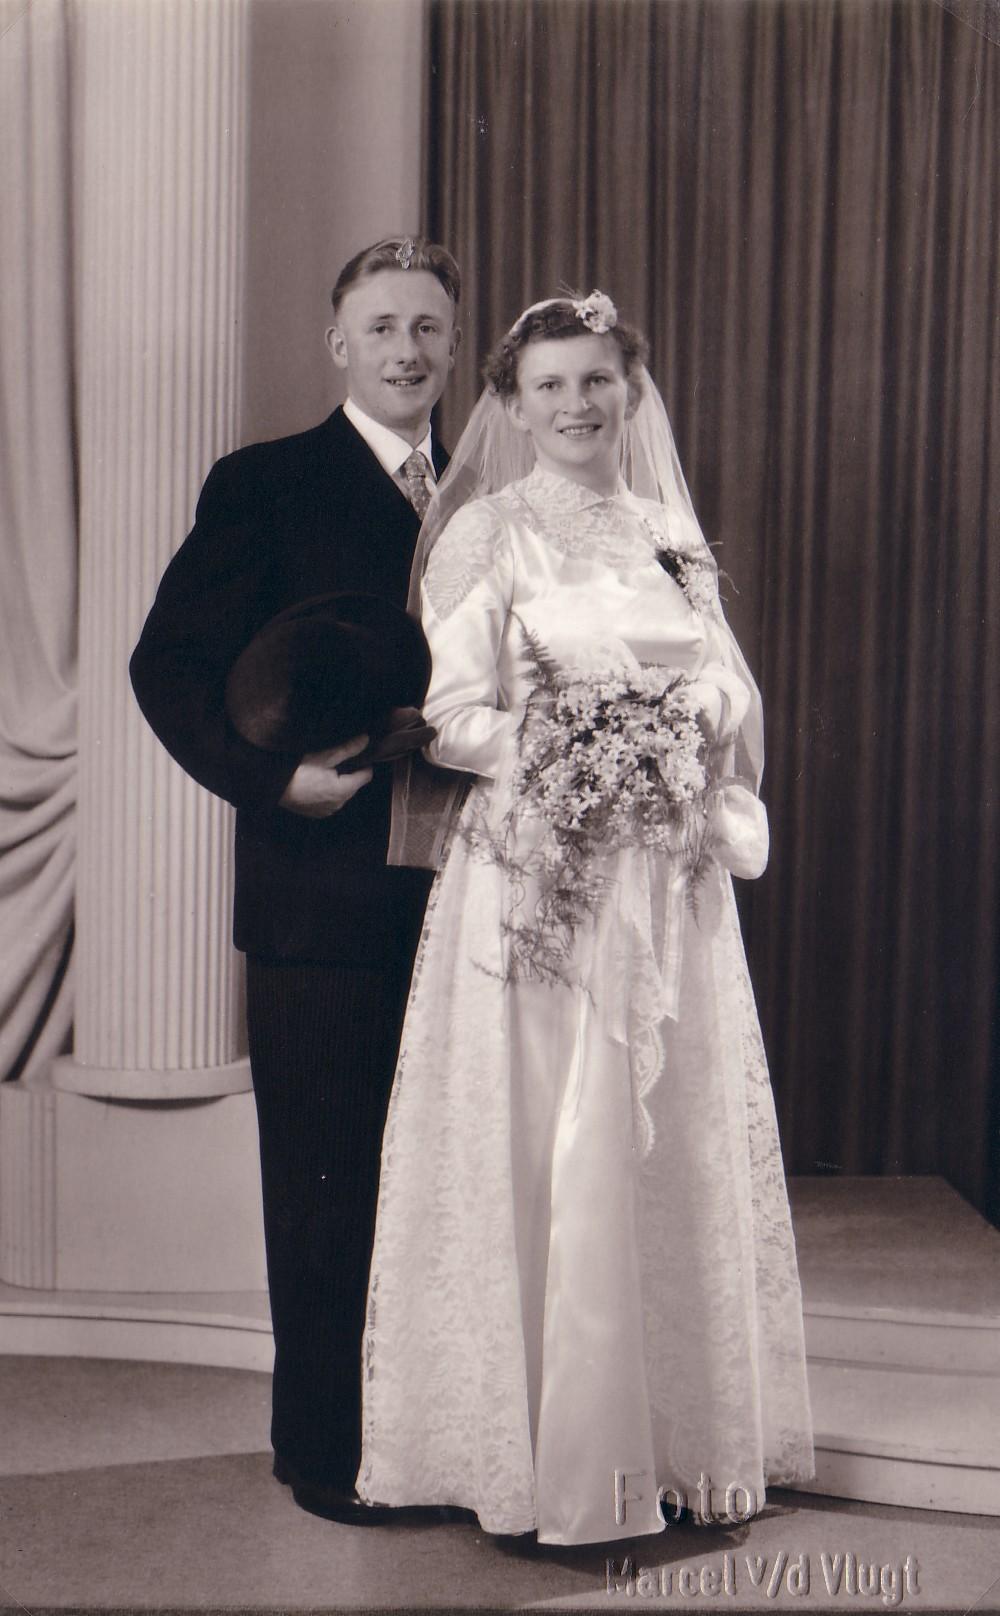 Huwelijk Cees Scheffers en Janna M. Keijzer (1956)